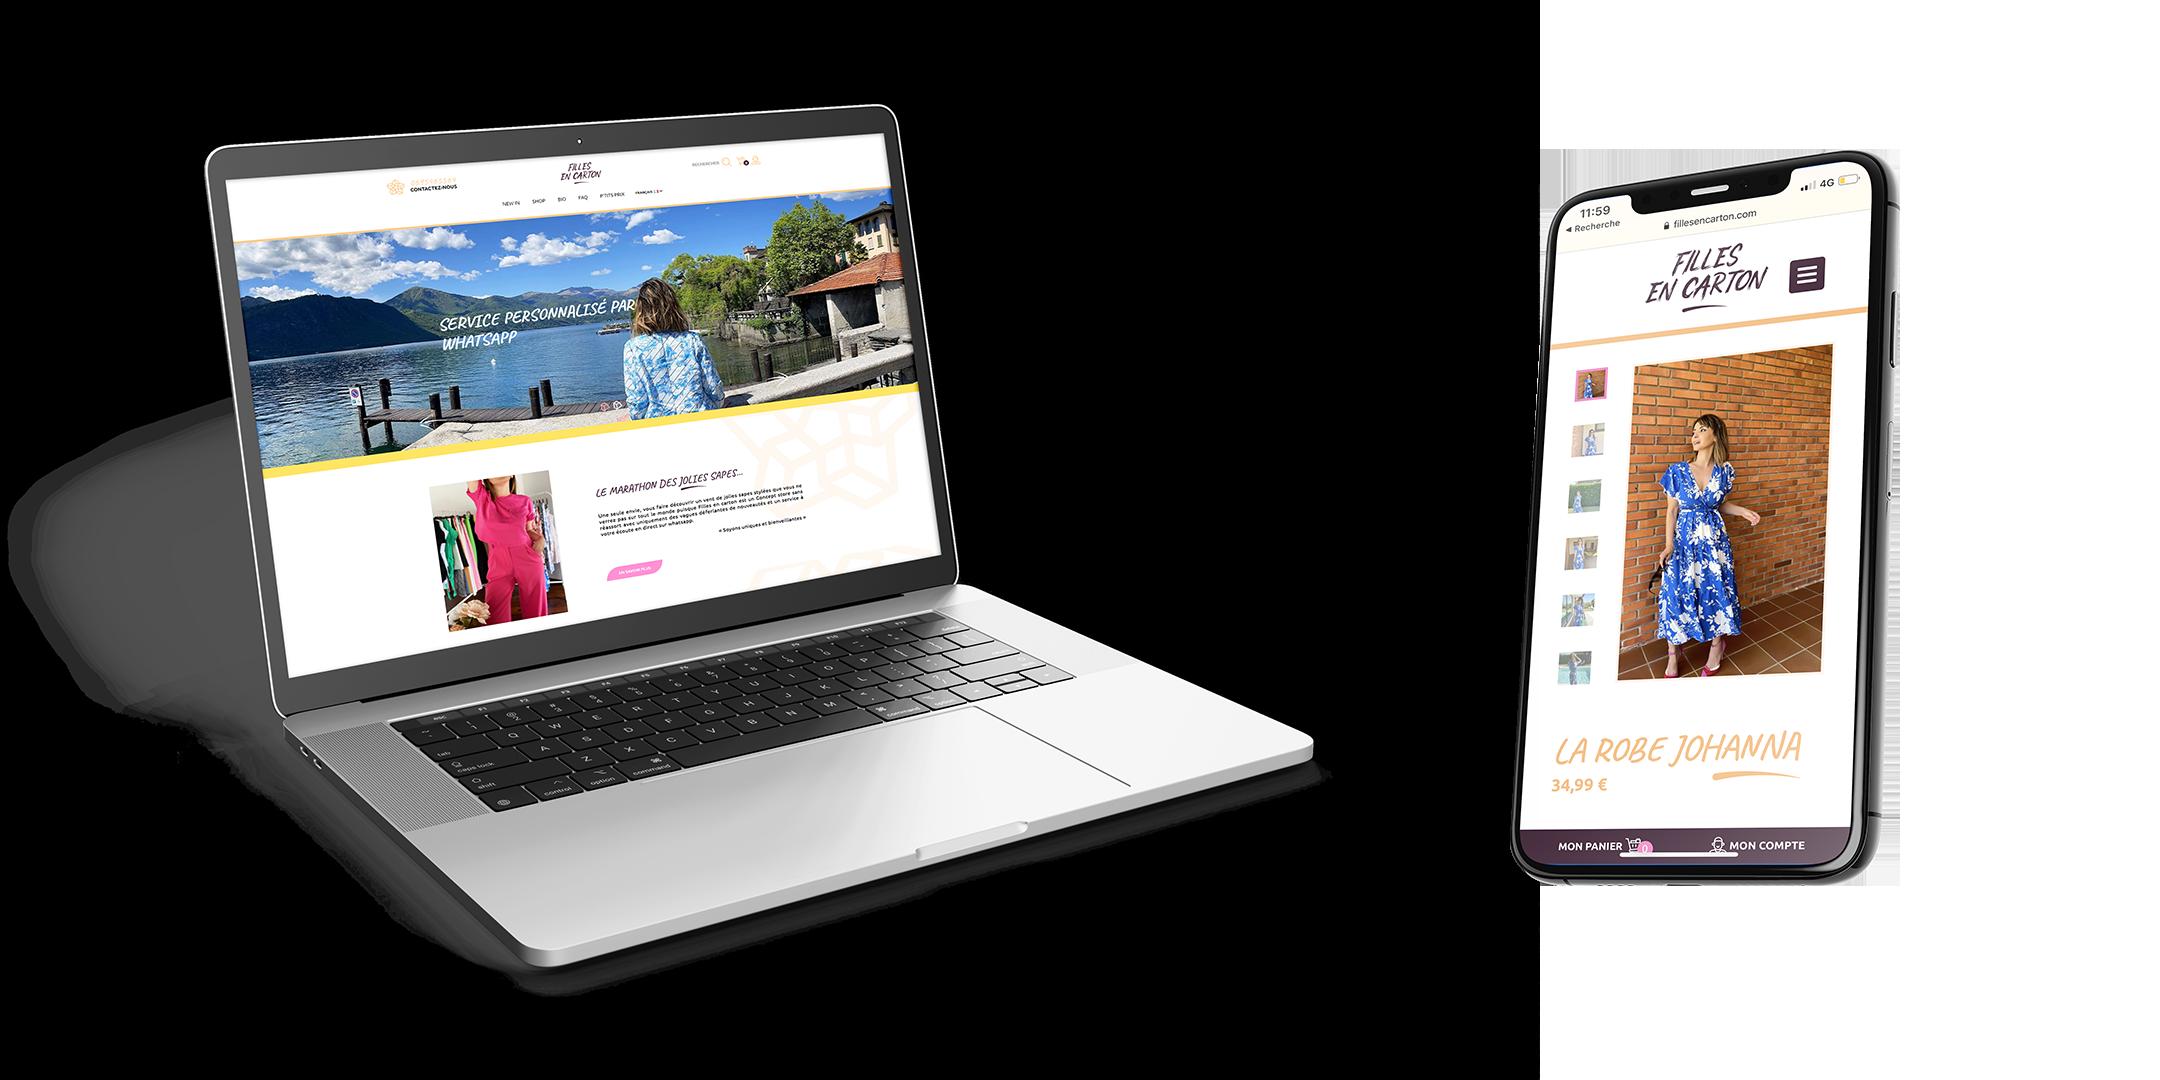 Création du site ecommerce Filles en Carton